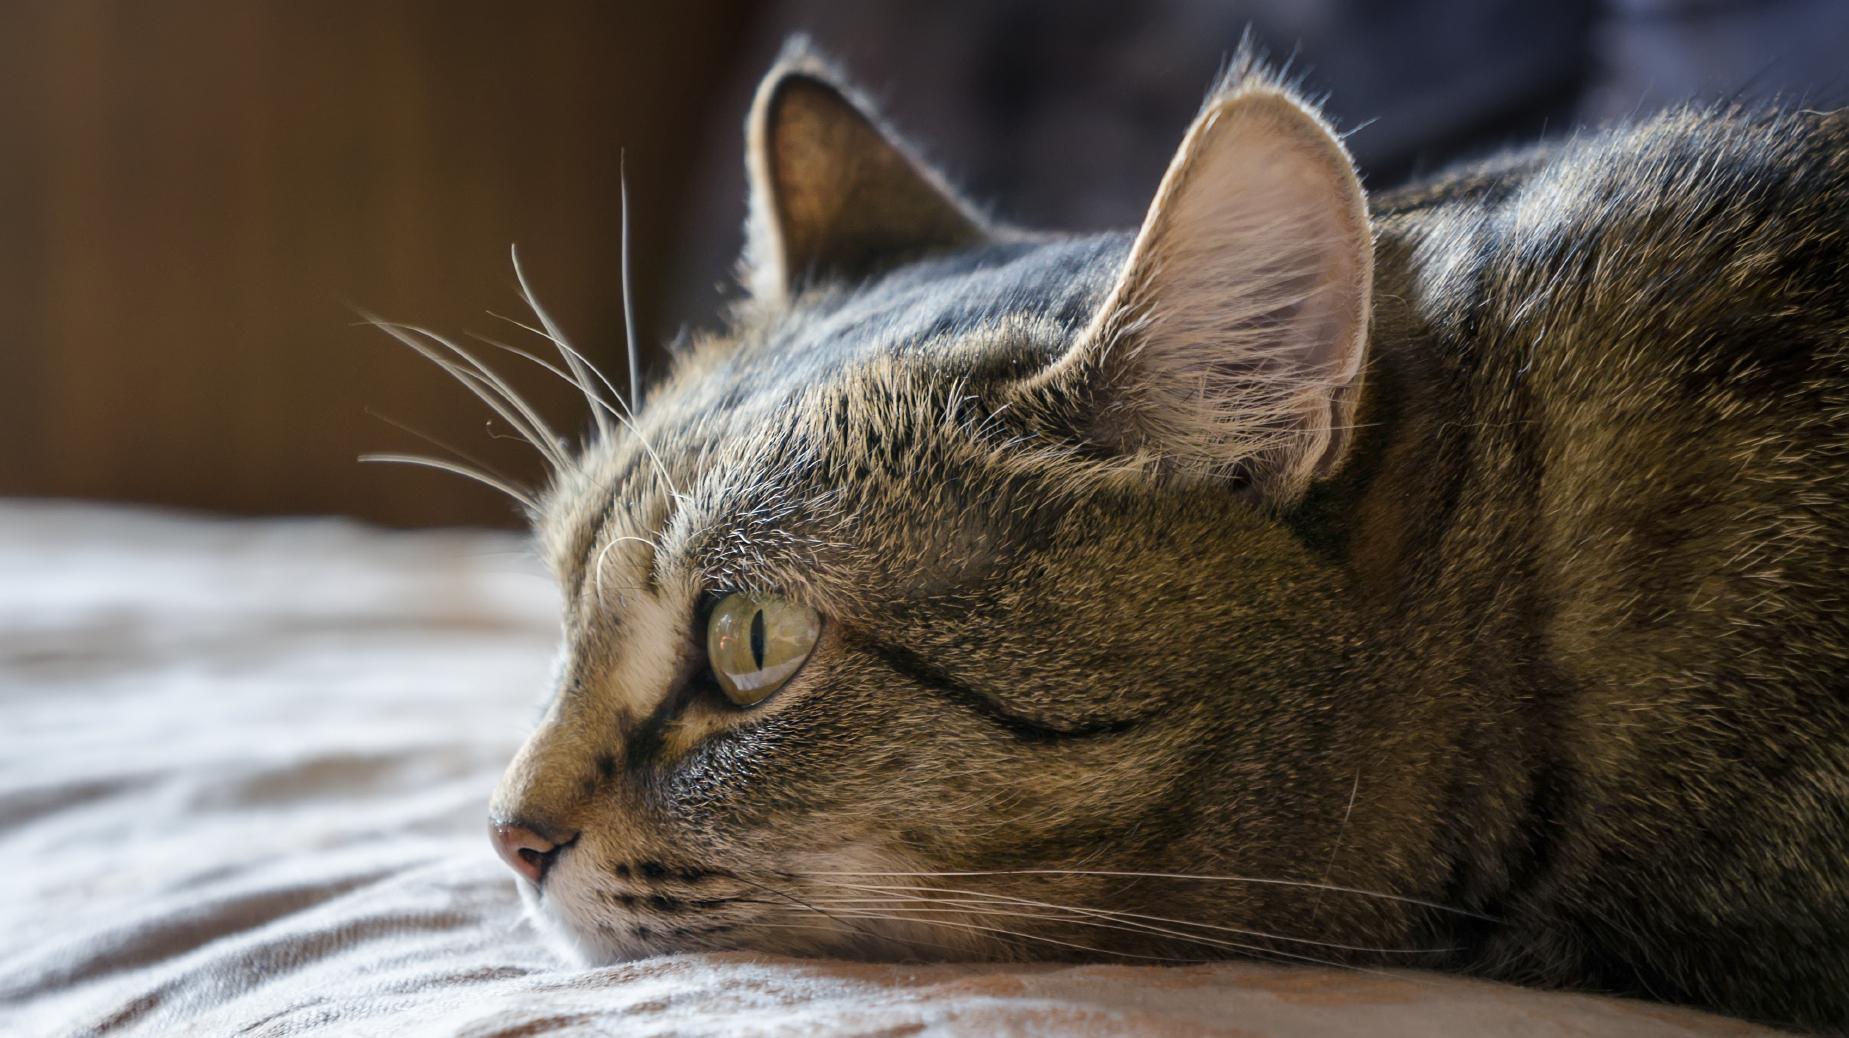 Dreamy cat.